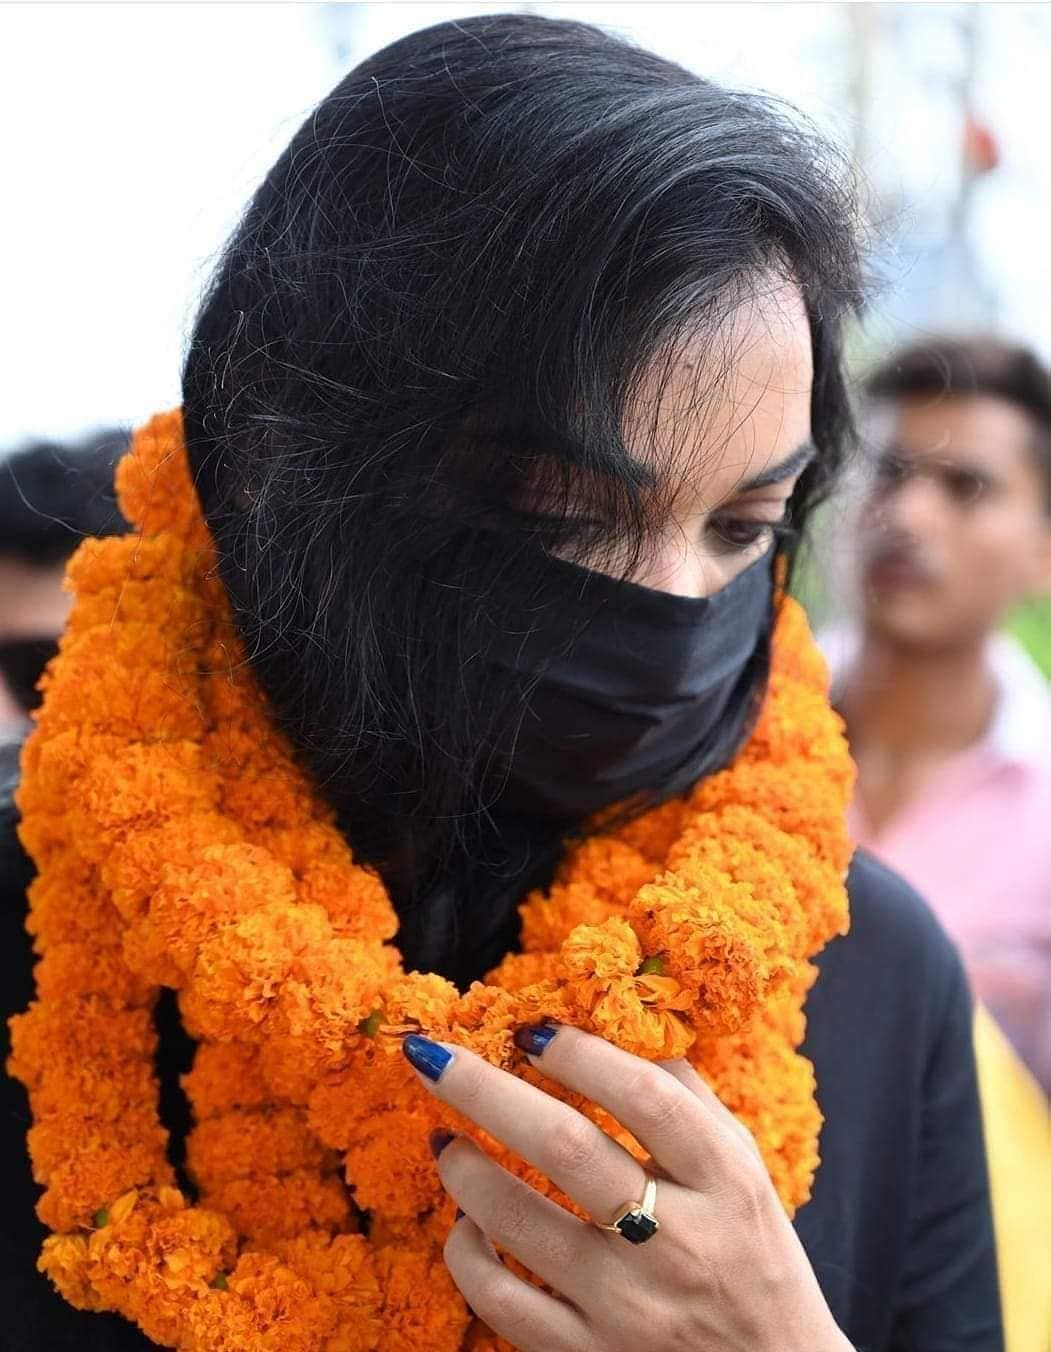 Bihar Chunav 2020 : संजीव, अरुण हैं करोड़पति तो पुष्पम प्रिया के पास आठ लाख की अंगूठी